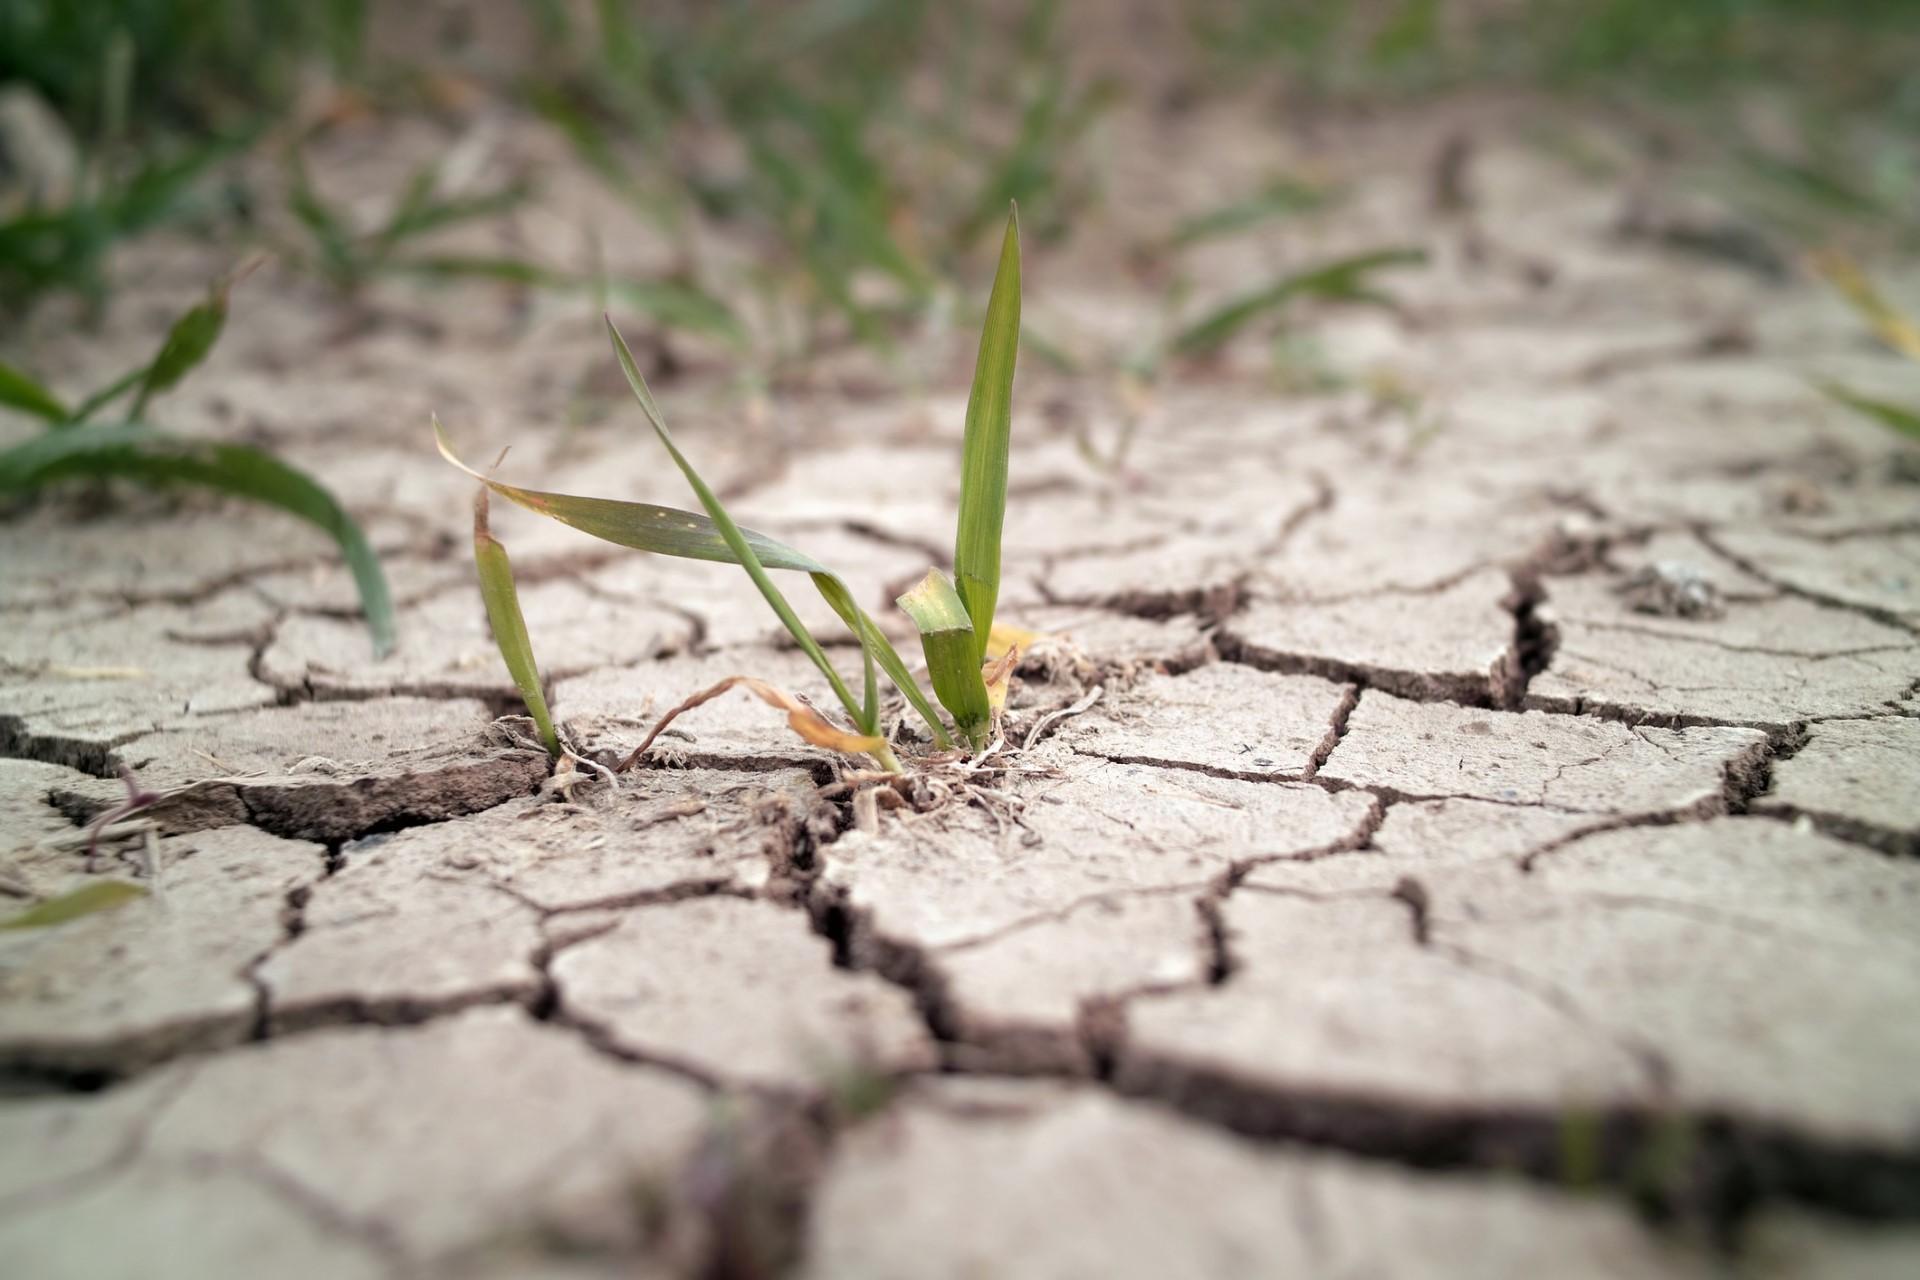 「長期來看,未來下雨的情況,臺灣的水資源、自然災害的情況都容不樂觀。」許晃雄認為,依據氣候變遷推估的情境,雖然本次為號稱百年一遇的大旱,但未來類似的旱象極可能更加頻繁。圖│iStock